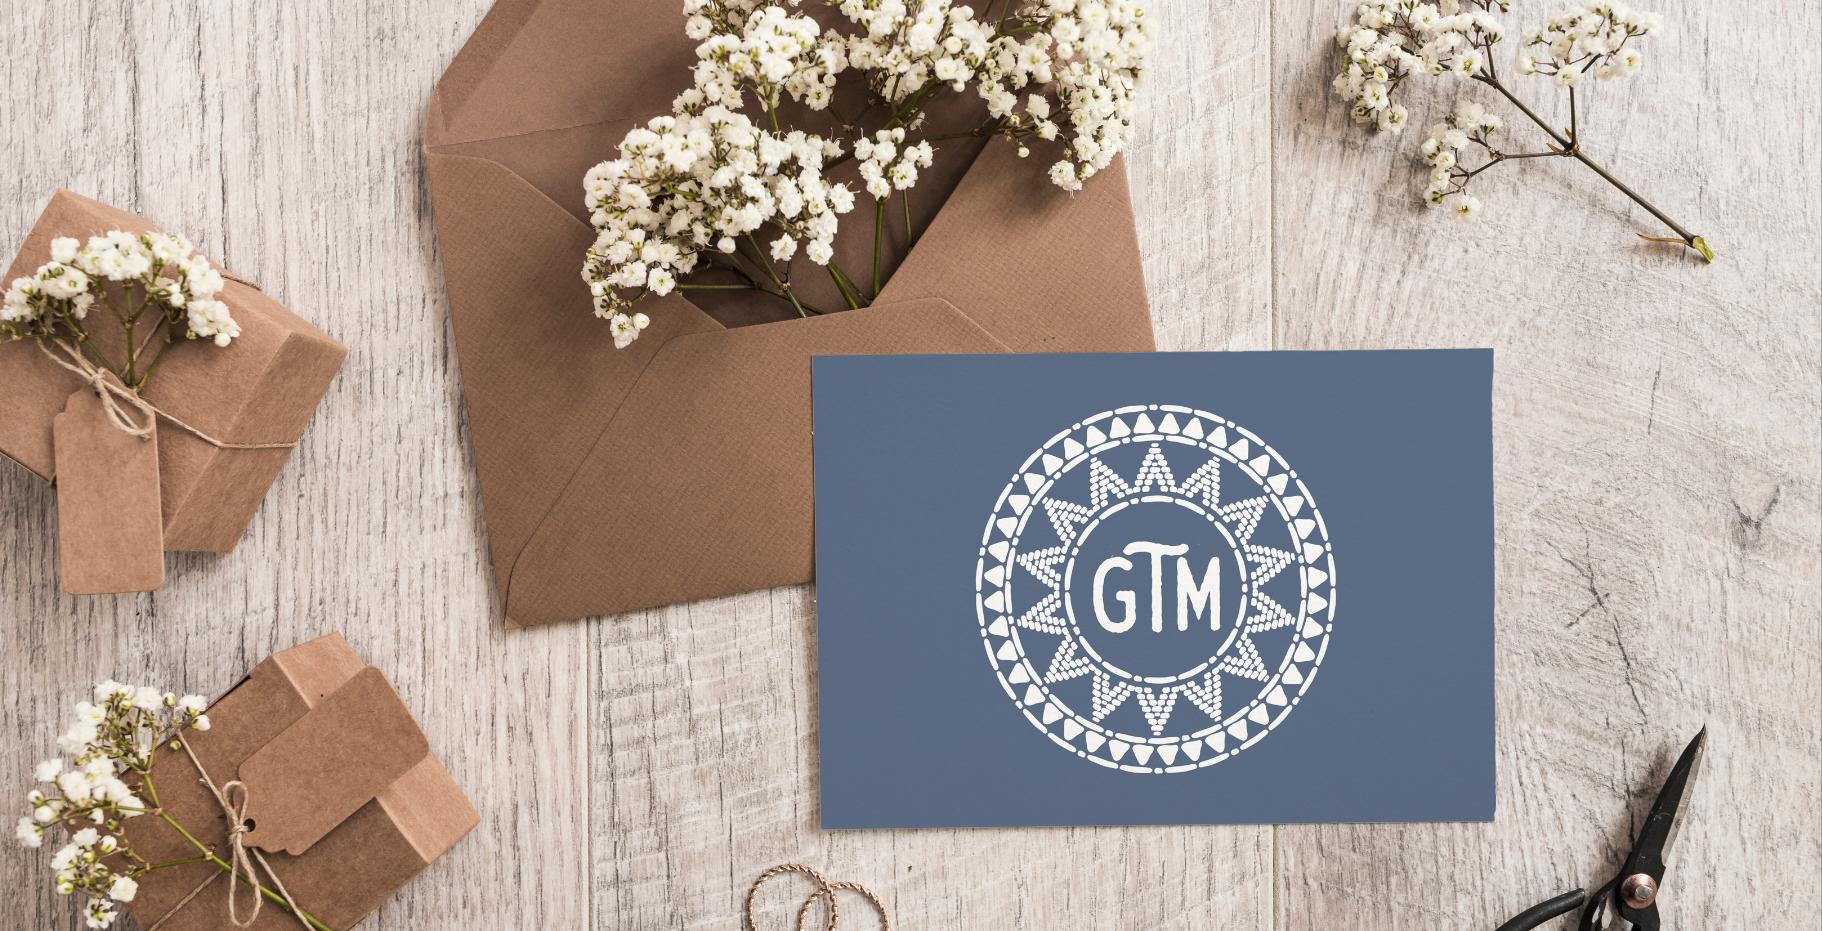 GTM Wedding Emblem Design by Kaitlynn Stone